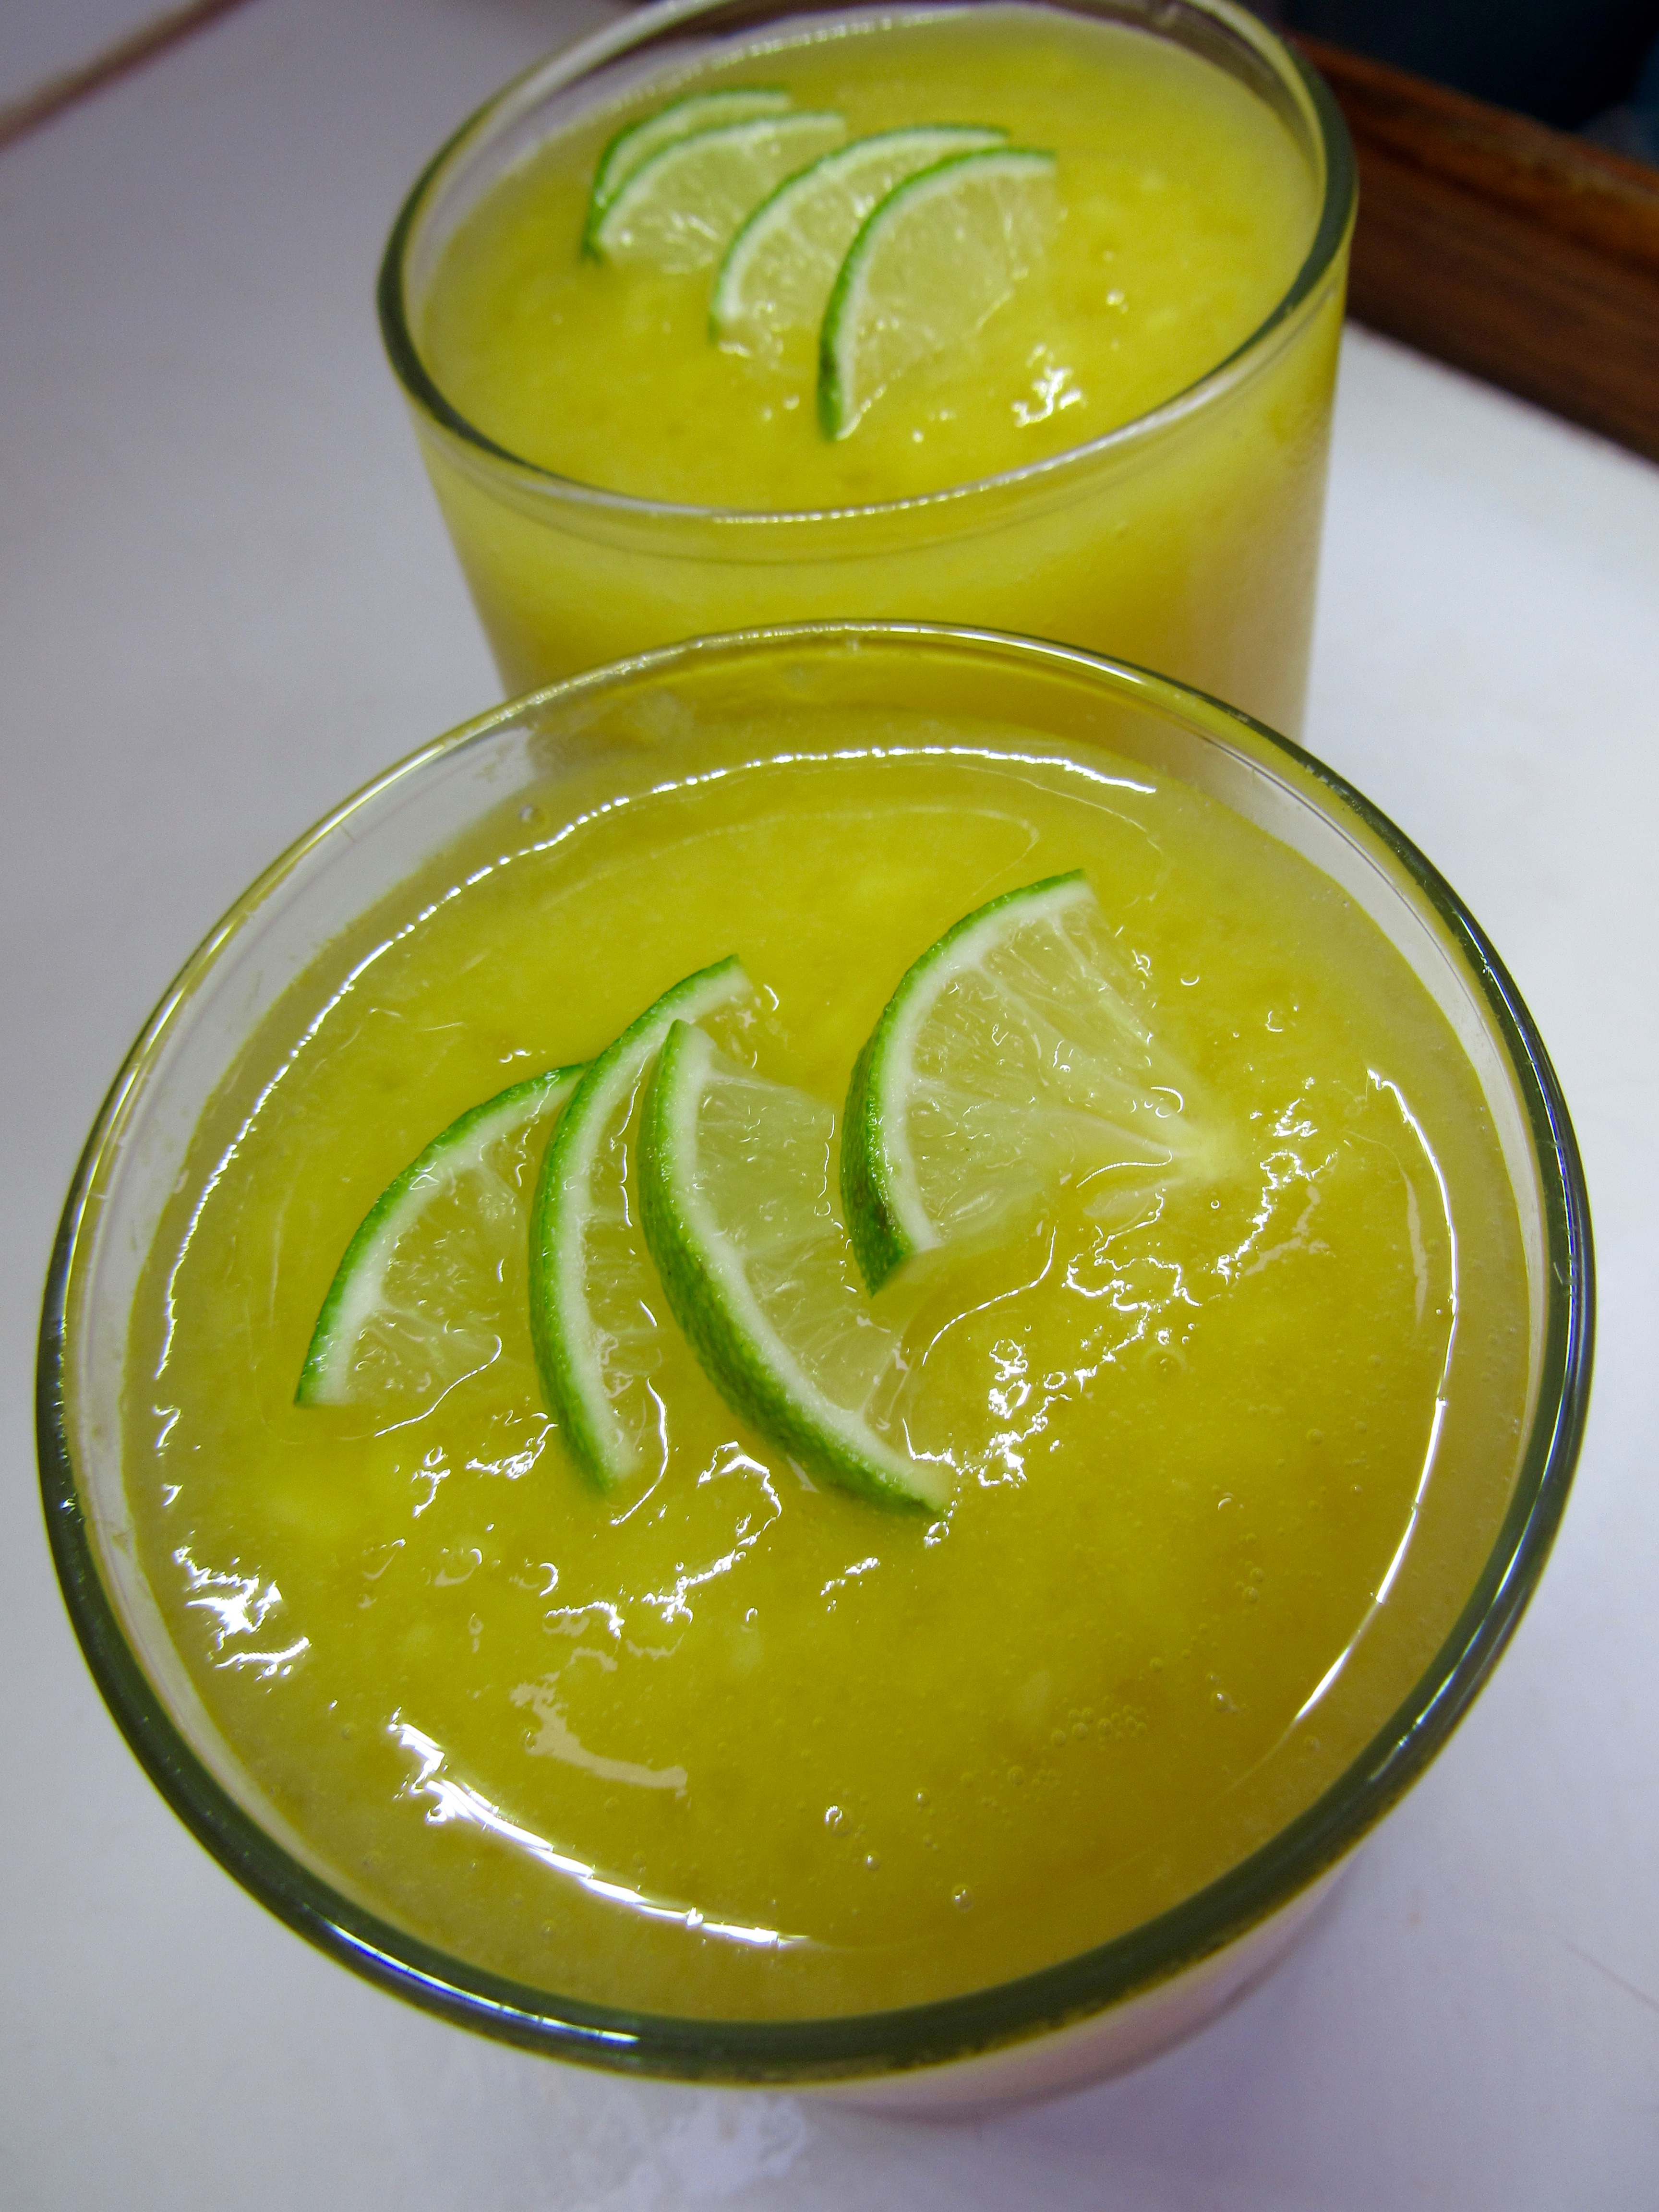 Mango Margarita, vodka, tequila and frozen mango